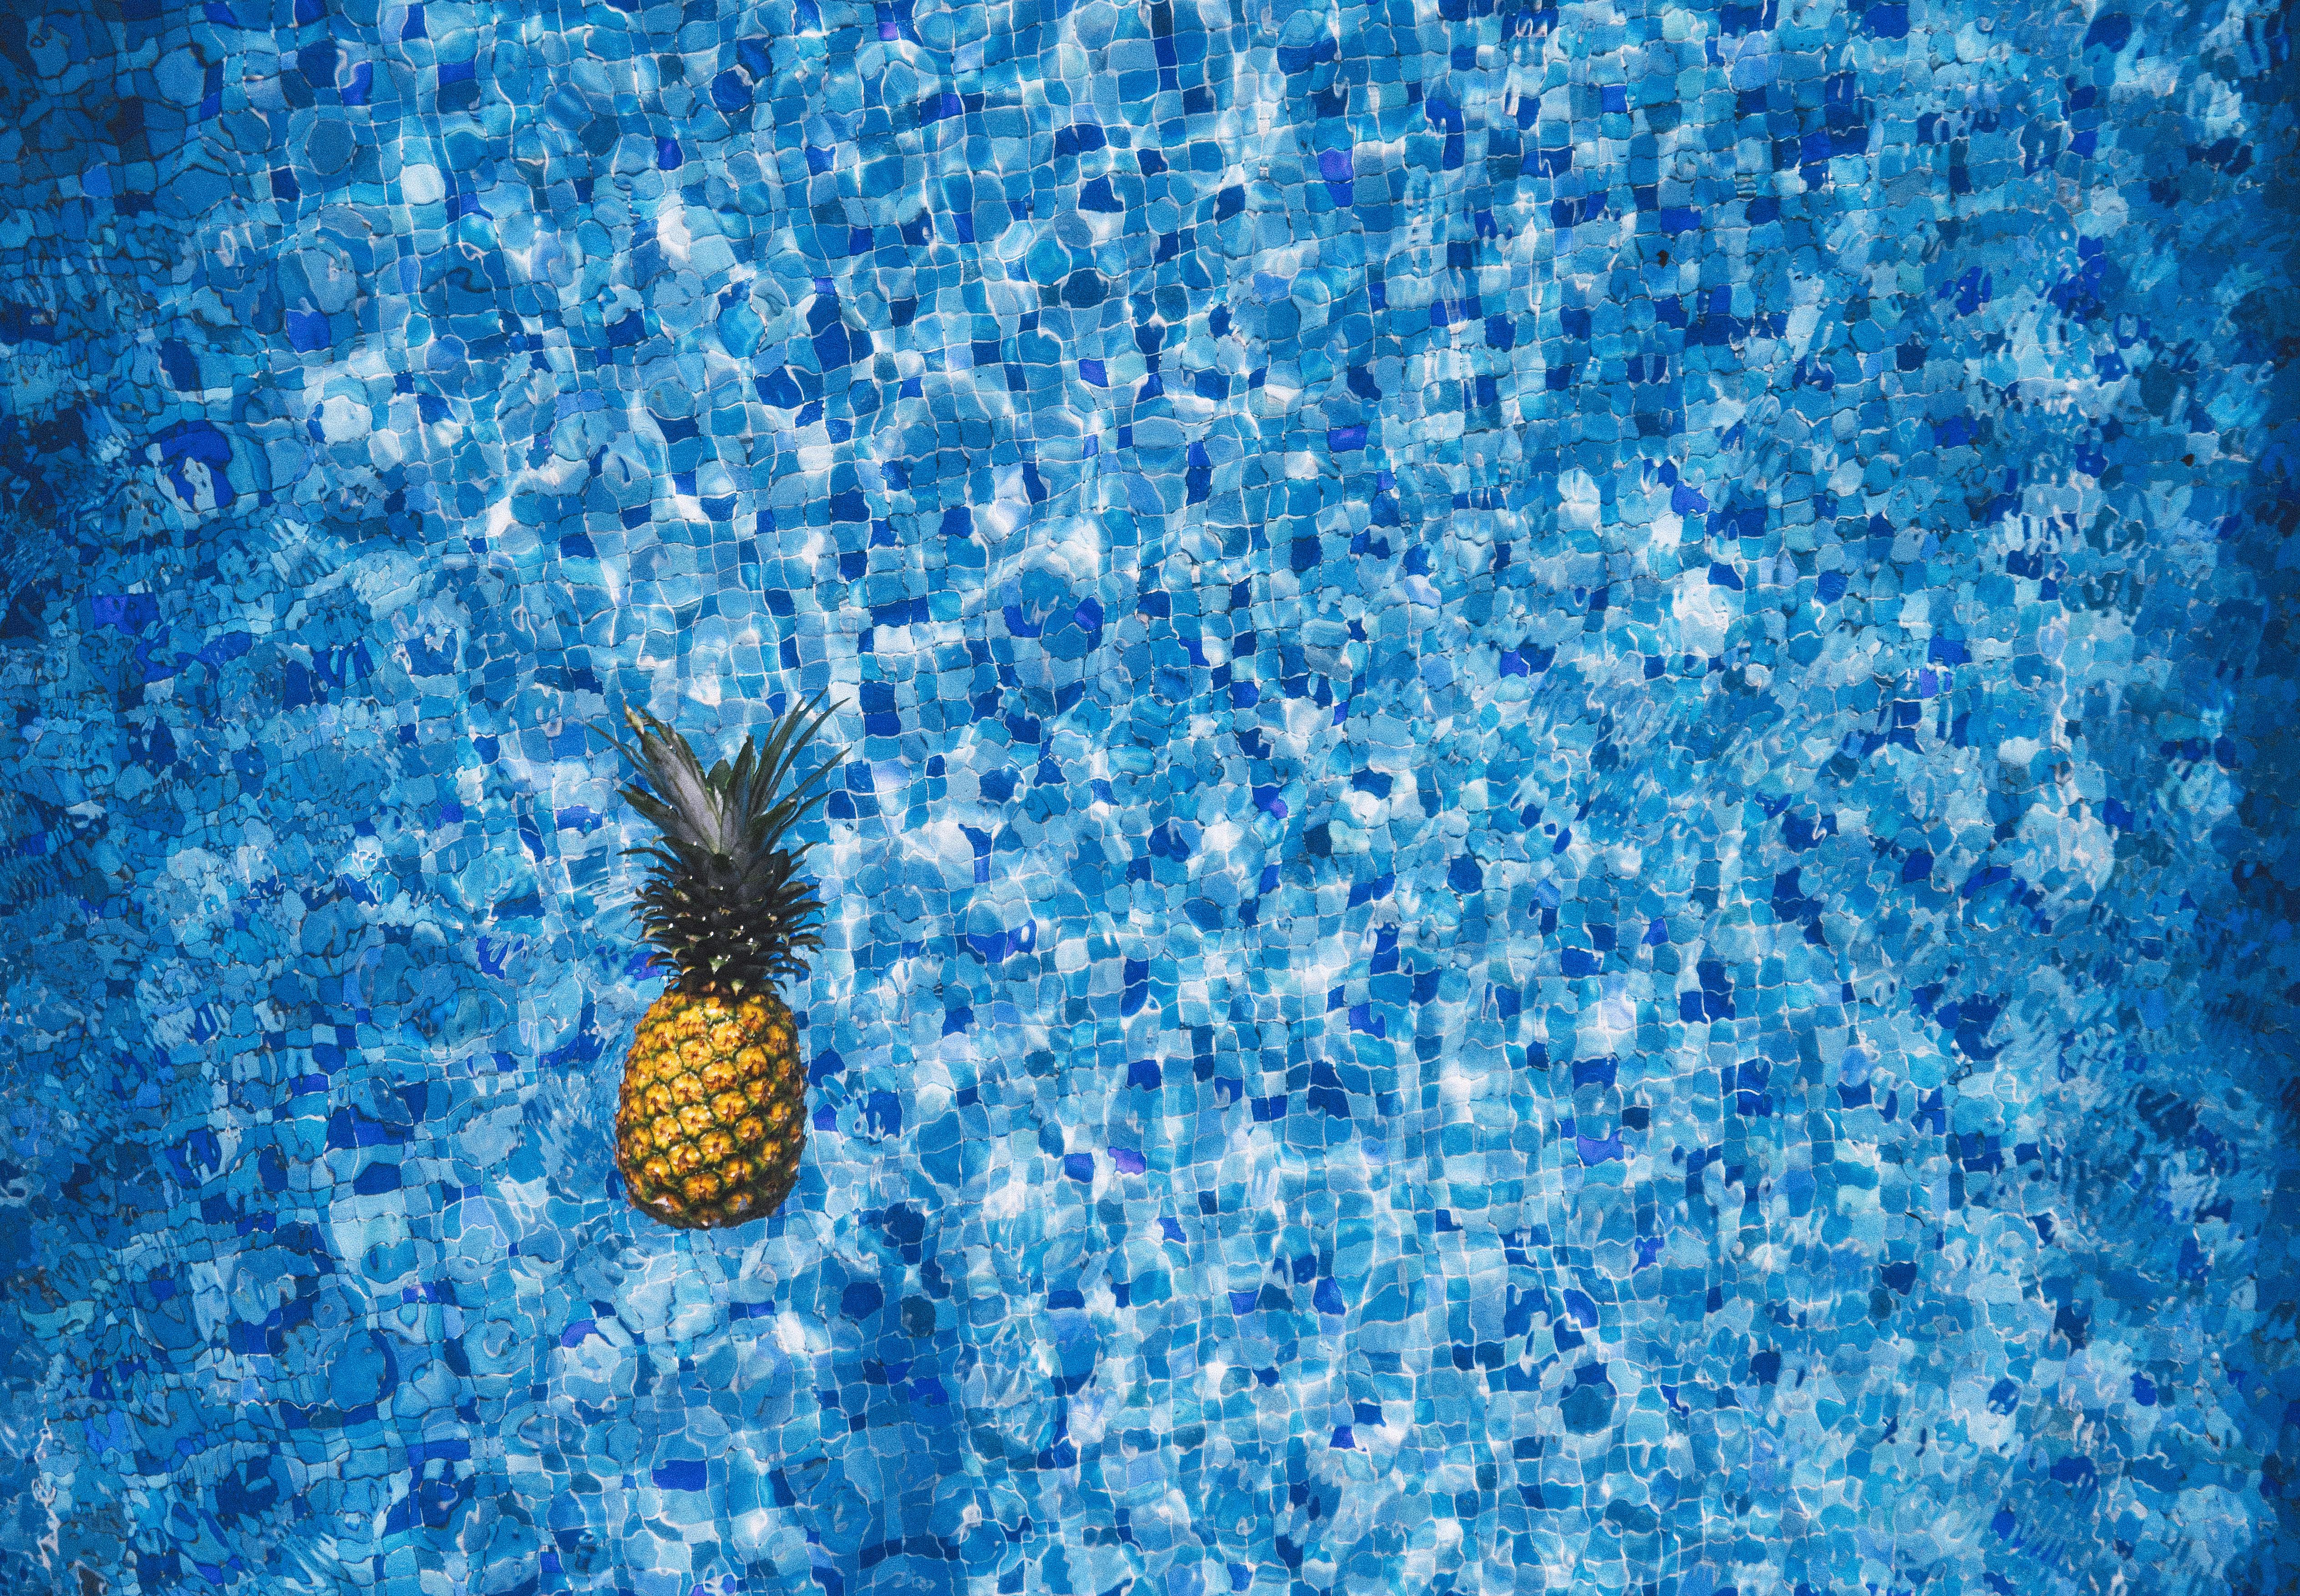 Kostenlose foto : Wasser, Blume, Schwimmbad, Muster, Pollen, Farbe ...